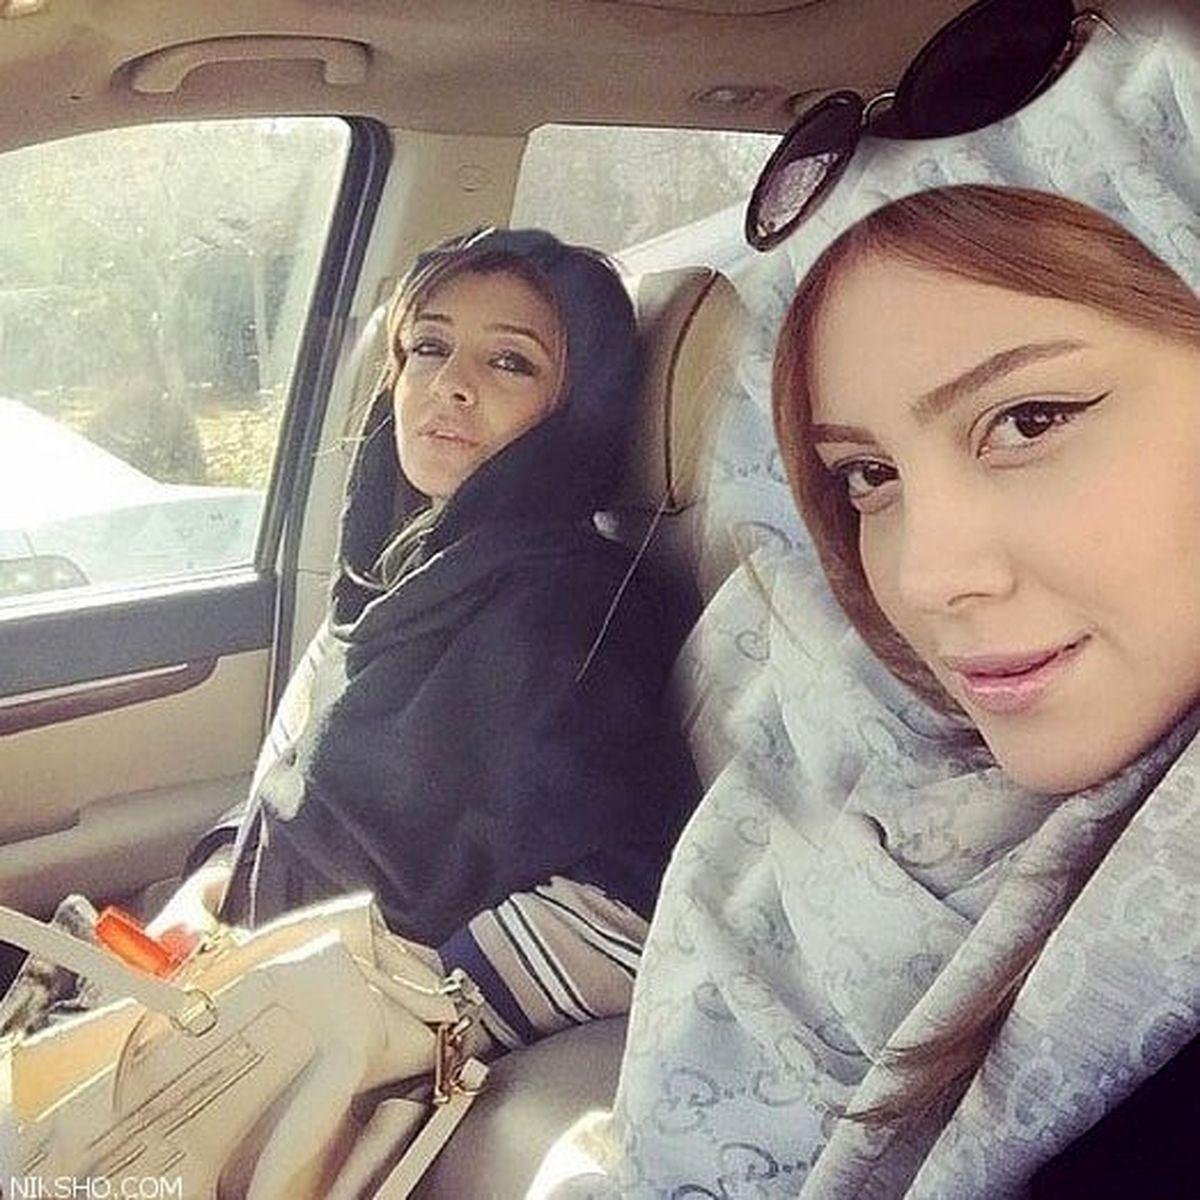 خودروی میلیاردی ساره بیات و خواهرش در تهران / عکس